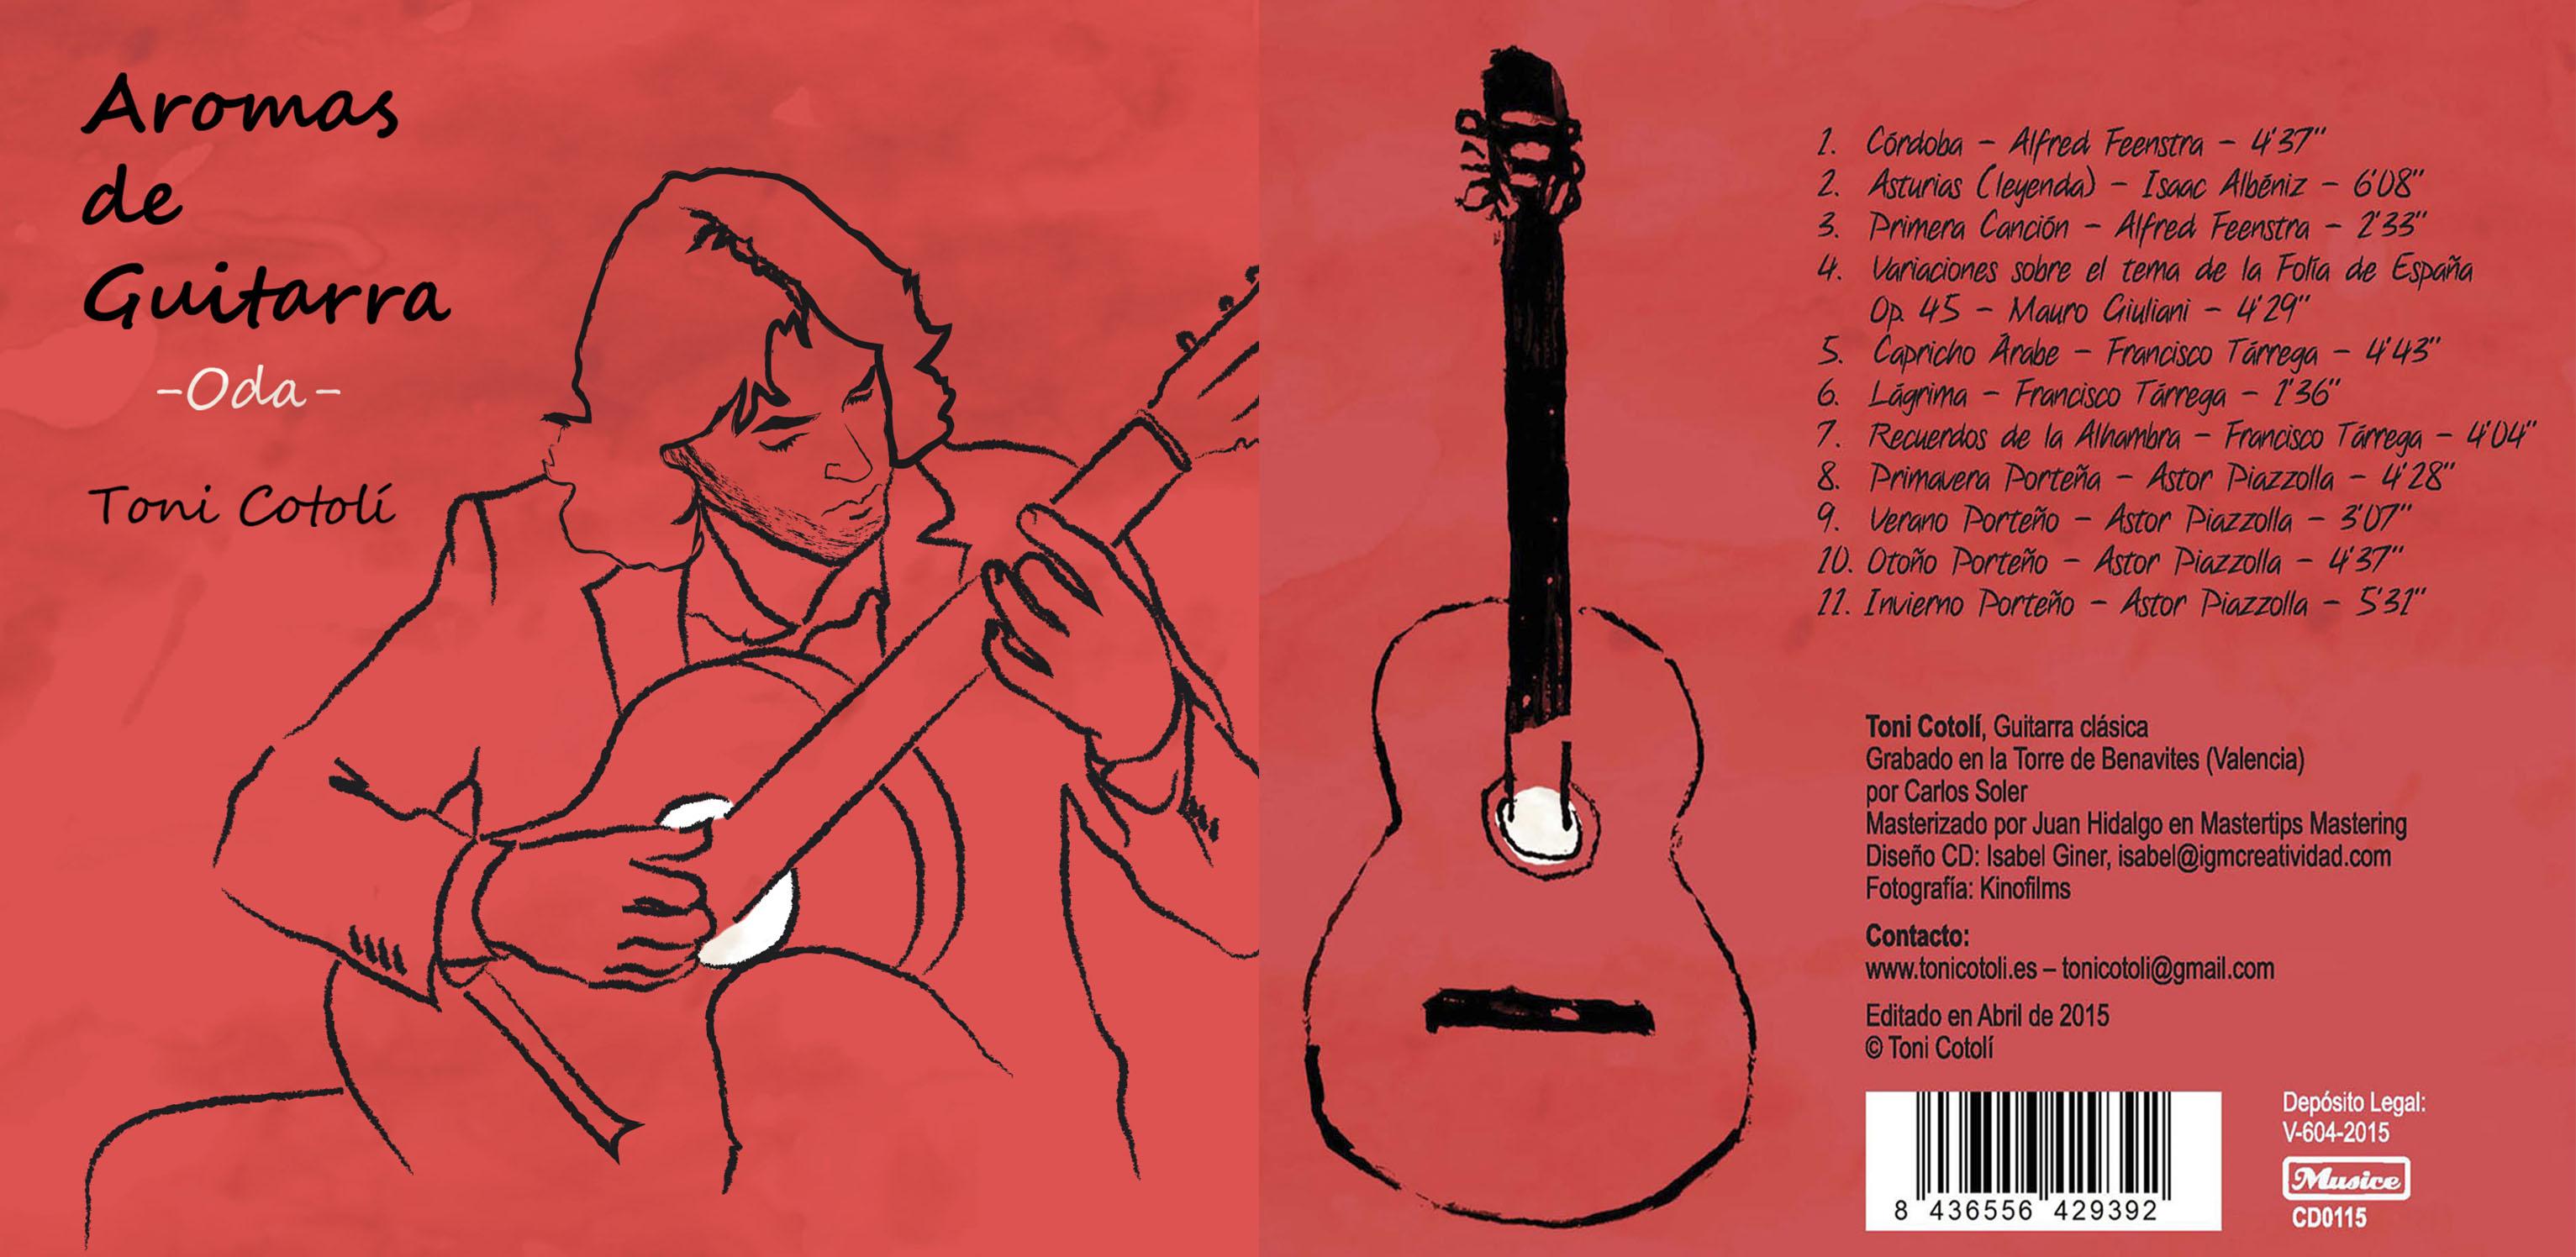 El nuevo disco de Toni Cotolí se suma al proyecto solidario 'Aromas de Guitarra'